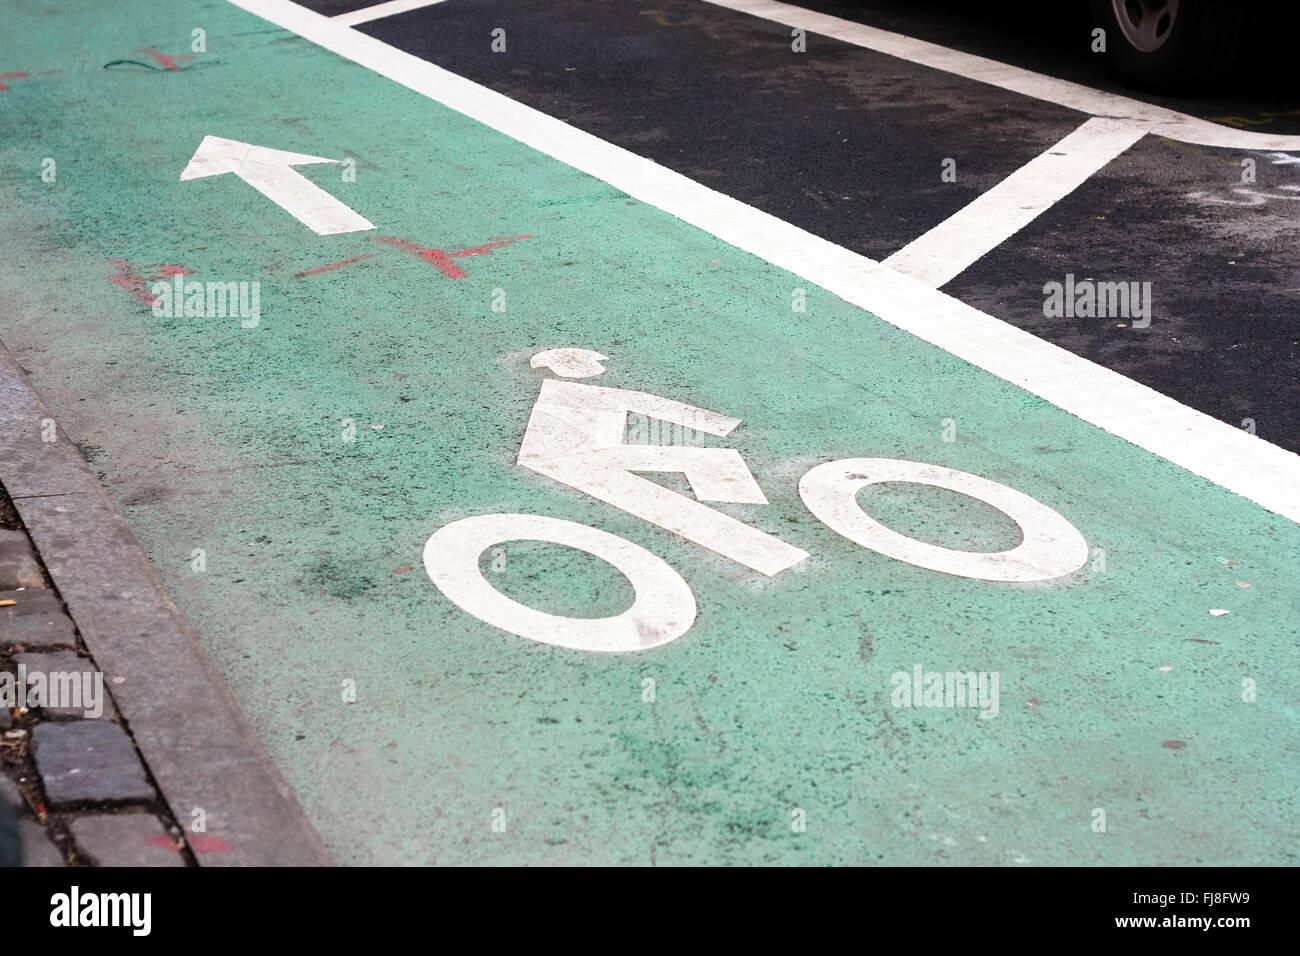 Peinture verte sur la désignation d'une voie cyclable dédiée avec un symbole flèche bike Photo Stock